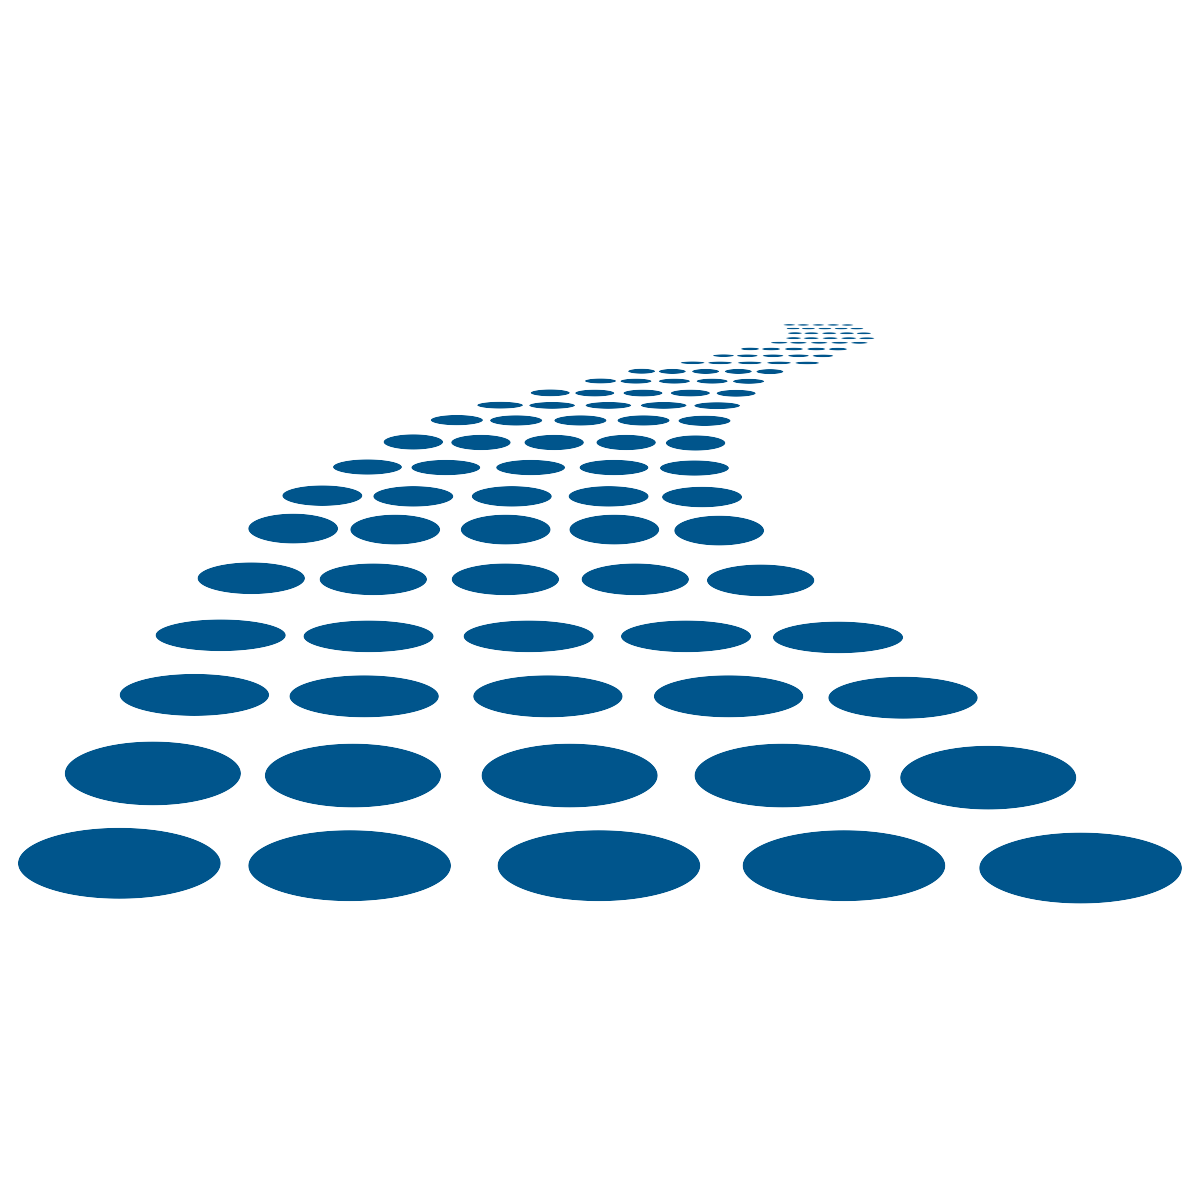 Prismatic Services Inc. blue-path